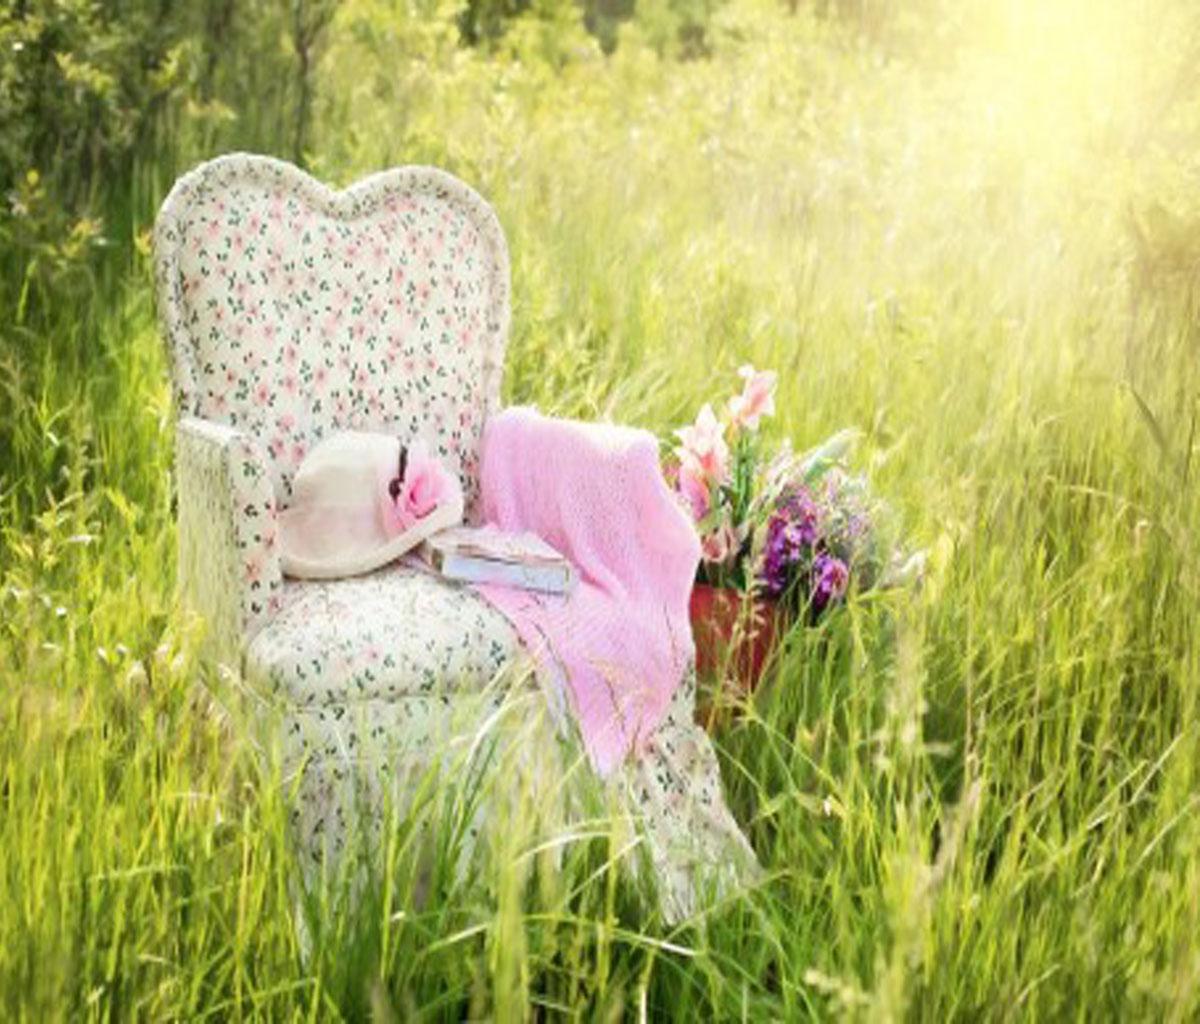 بالصور الجلوس على الكرسي في المنام , تفسير حلم الجلوس علي الكرسي 2369 3